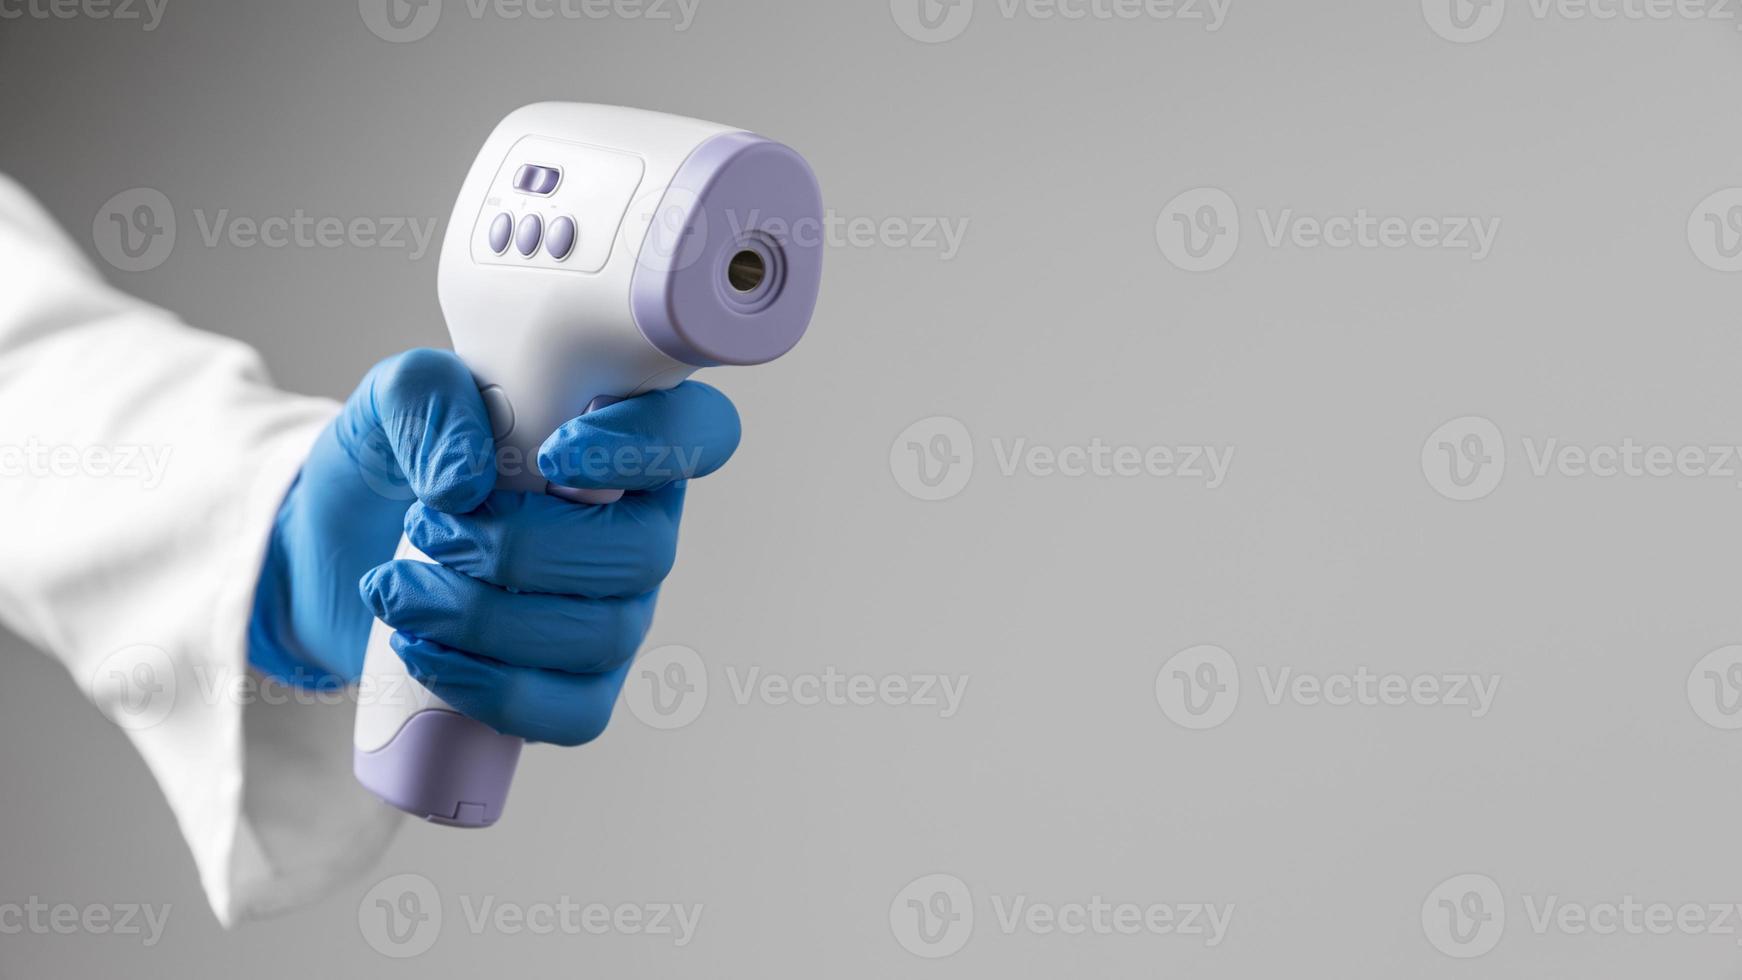 läkare i handskar håller termometer med kopia utrymme foto